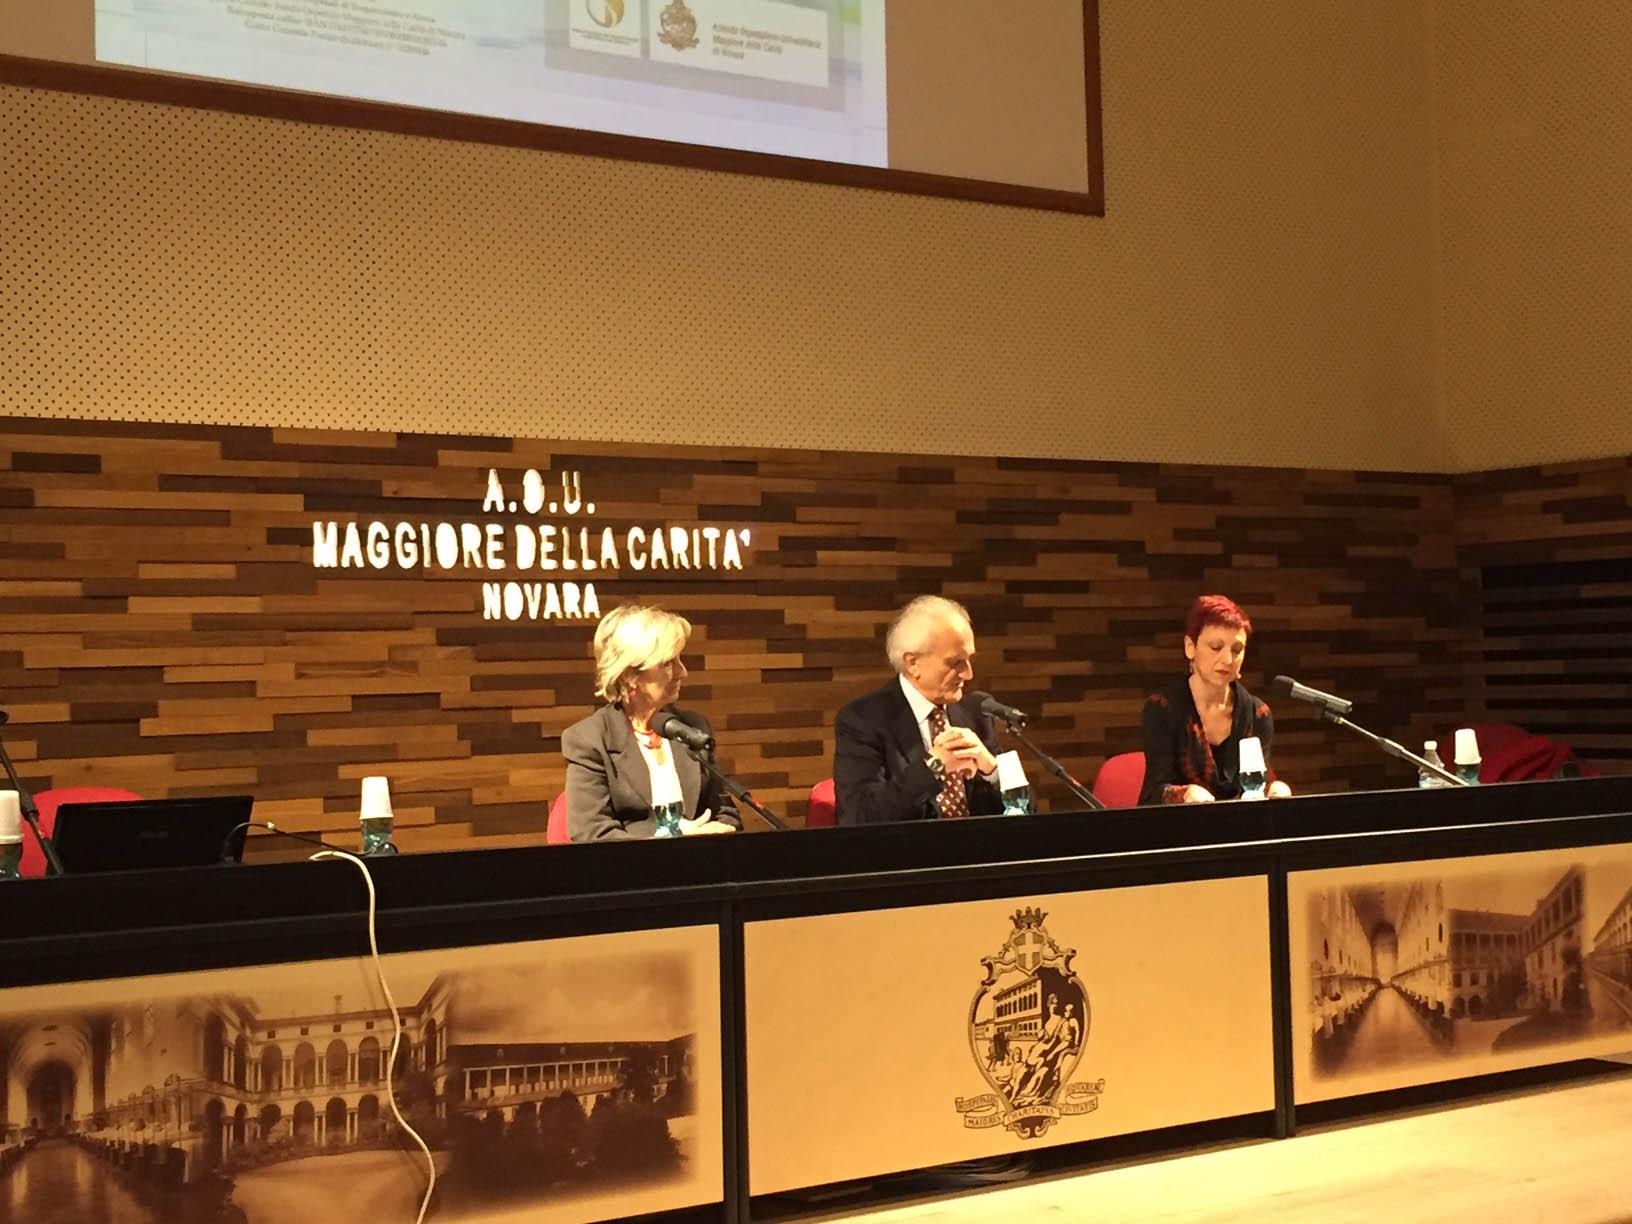 La Giornata dei diritti dell'infanzia si celebra anche a Novara